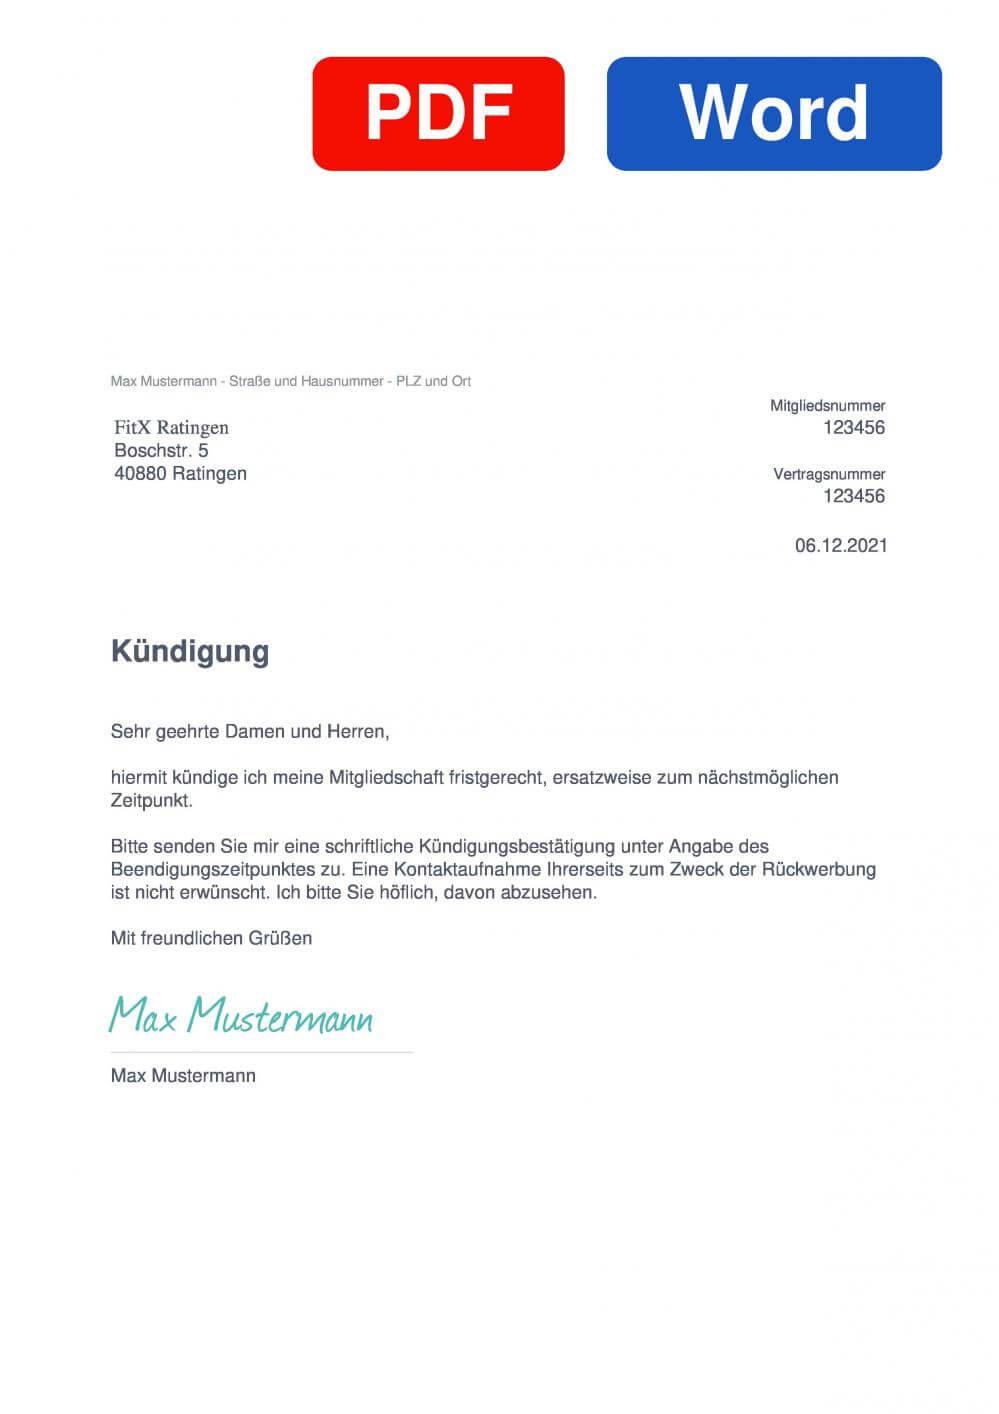 FitX Ratingen Muster Vorlage für Kündigungsschreiben